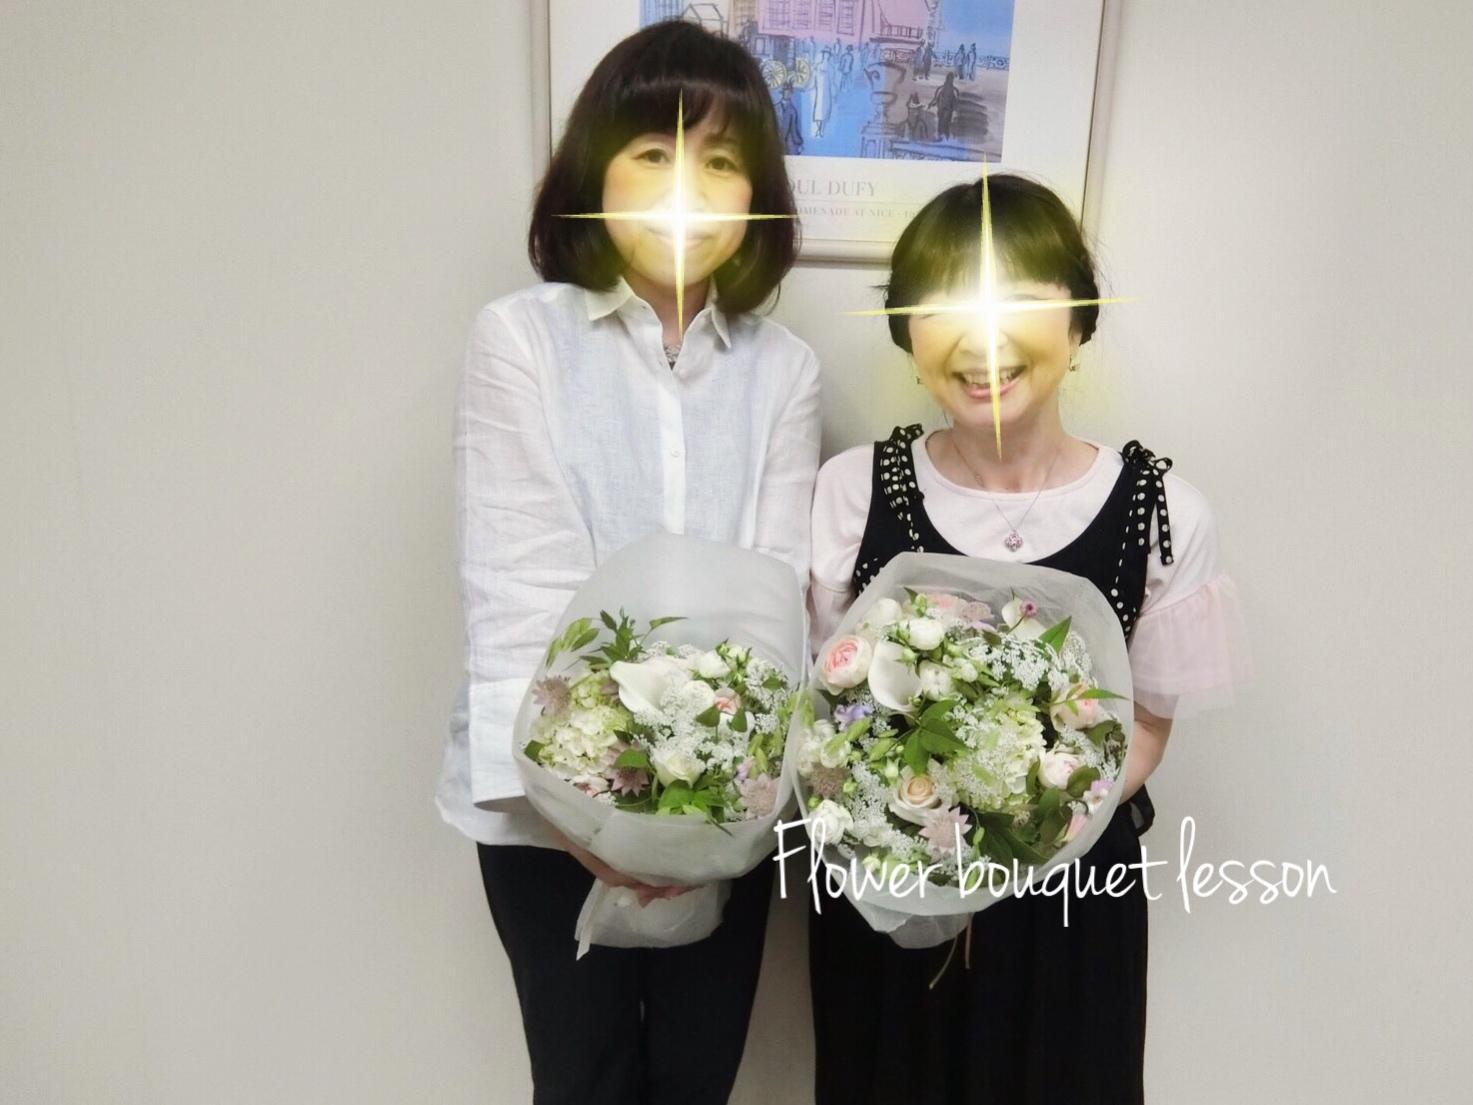 パリスタイル♡フラワーブーケレッスン( ᵔᵒᵔ )♡_a0213806_11203774.jpg